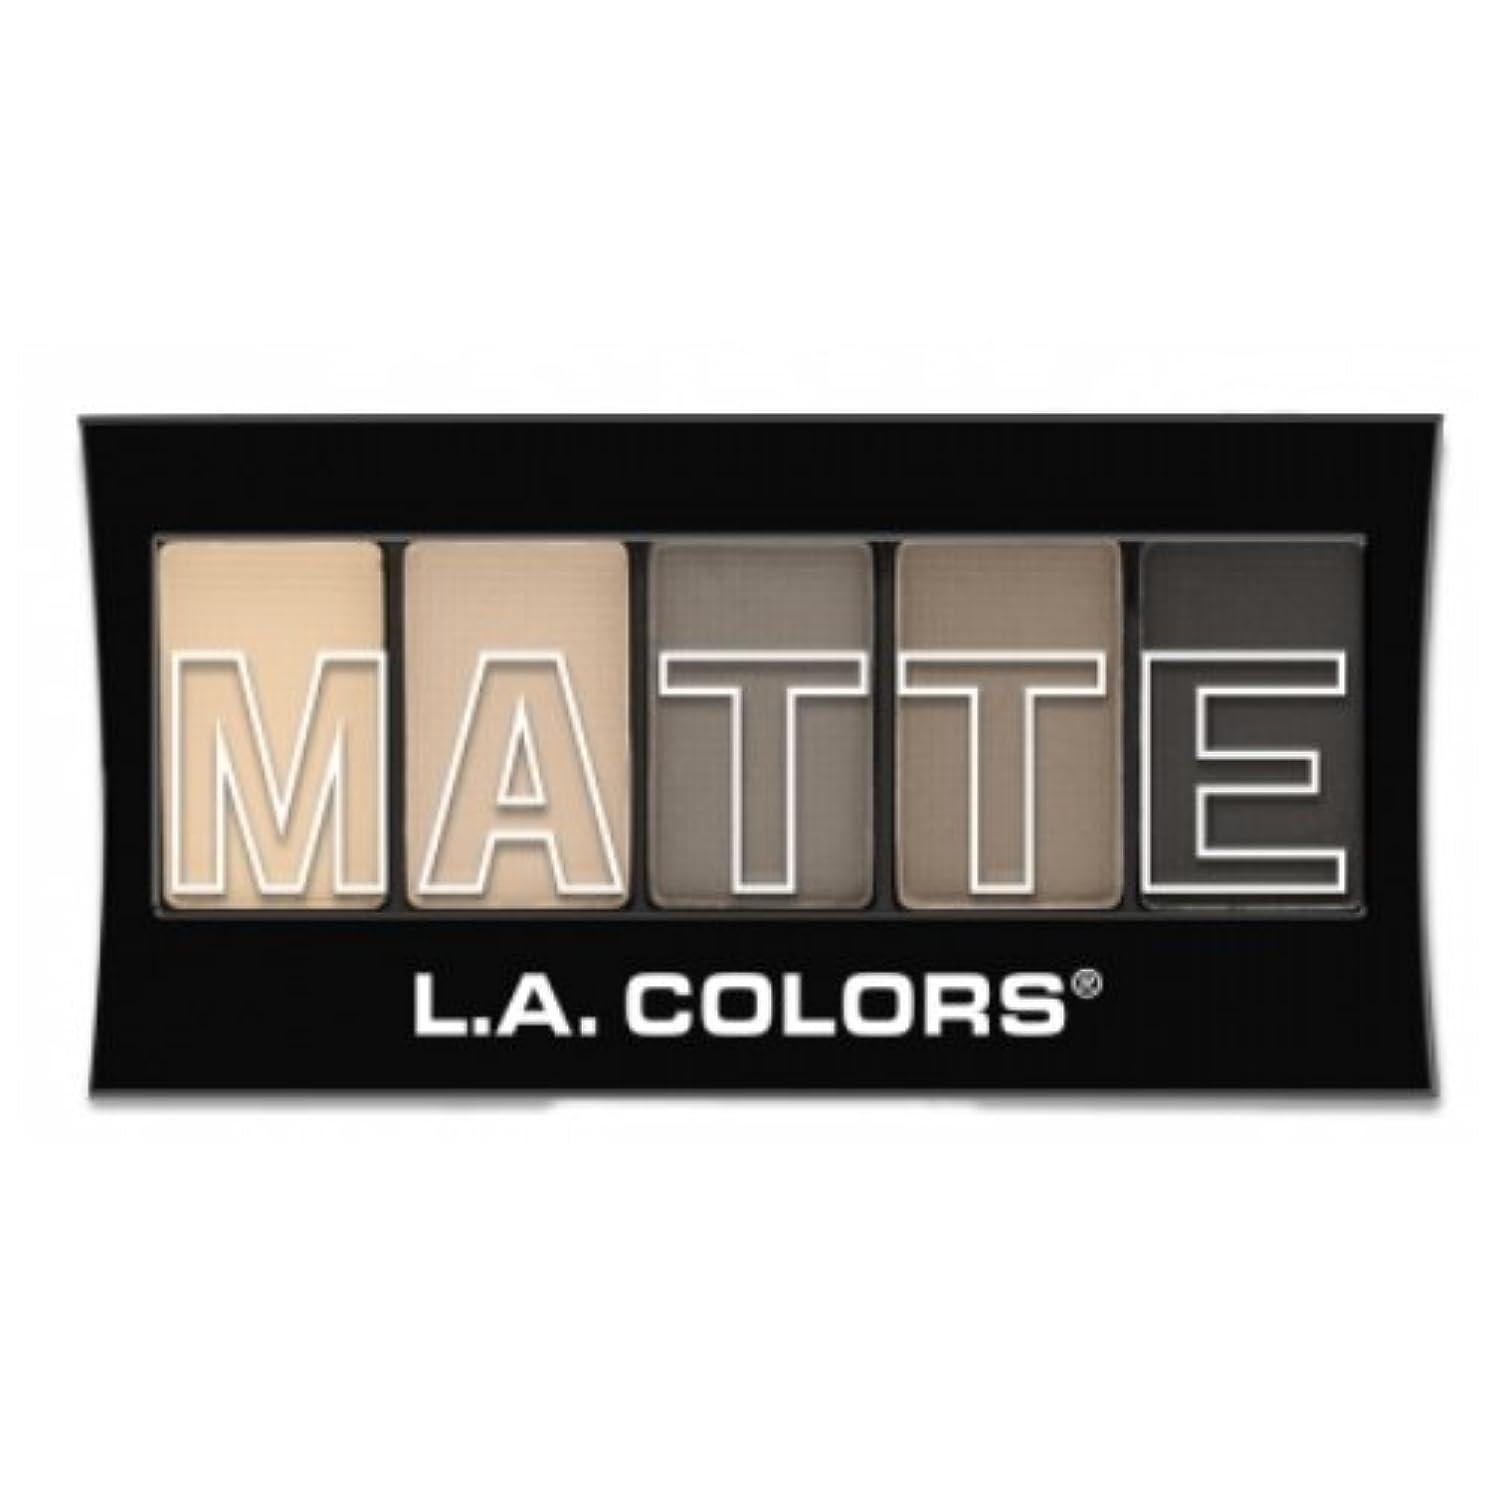 弱点イヤホン安定(3 Pack) L.A. Colors Matte Eyeshadow - Nude Suede (並行輸入品)